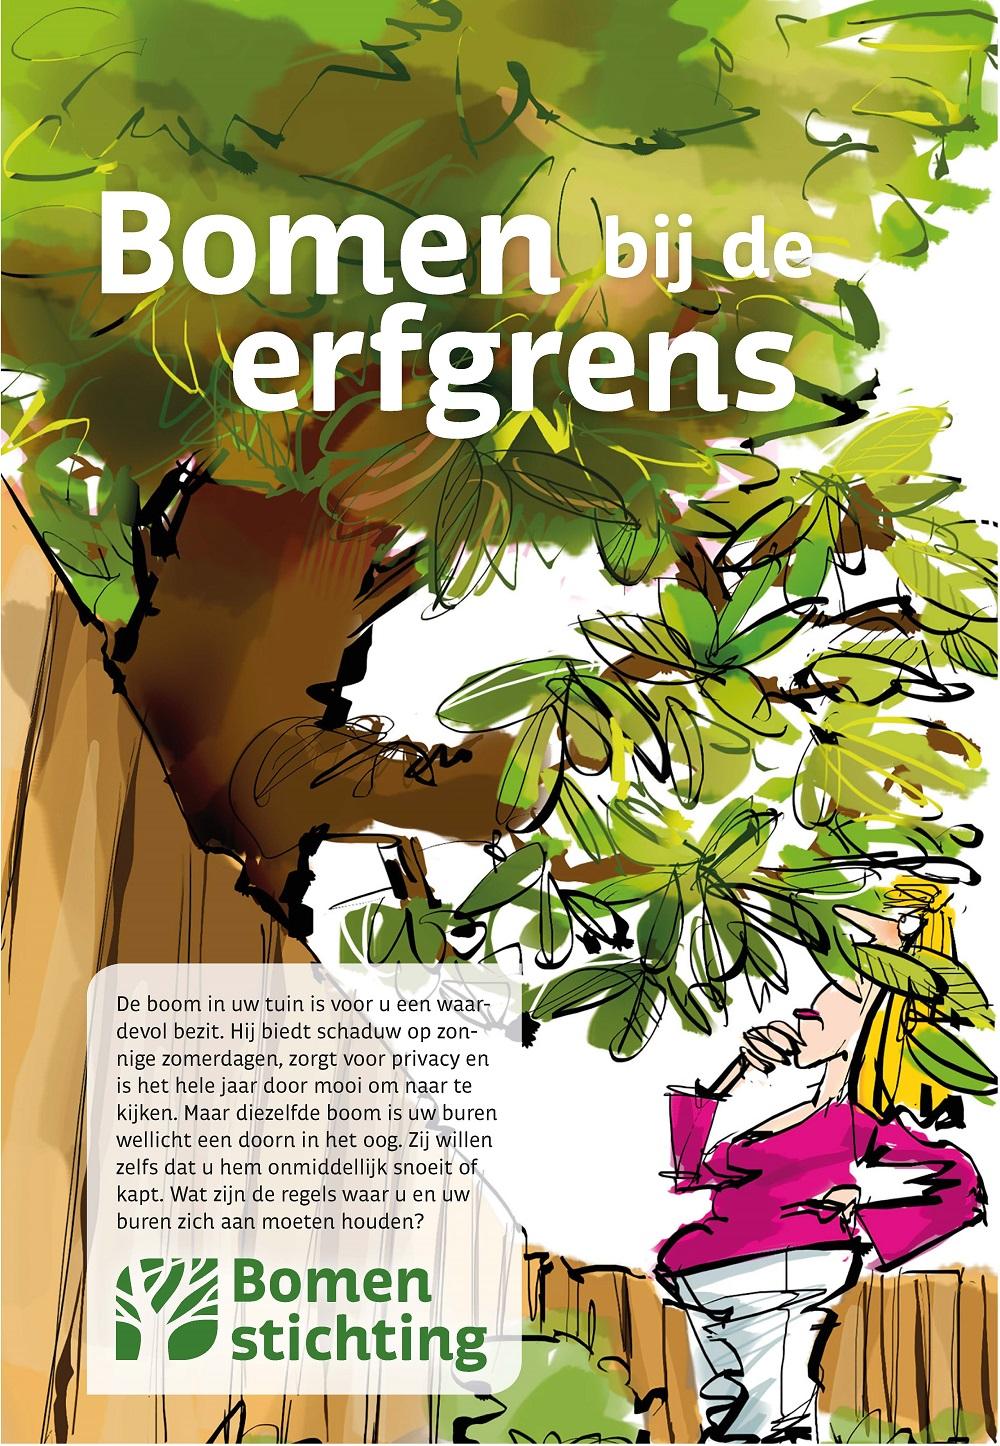 Bomen Op Erfgrens.Folder Bomen Bij De Erfgrens De Bomenstichting